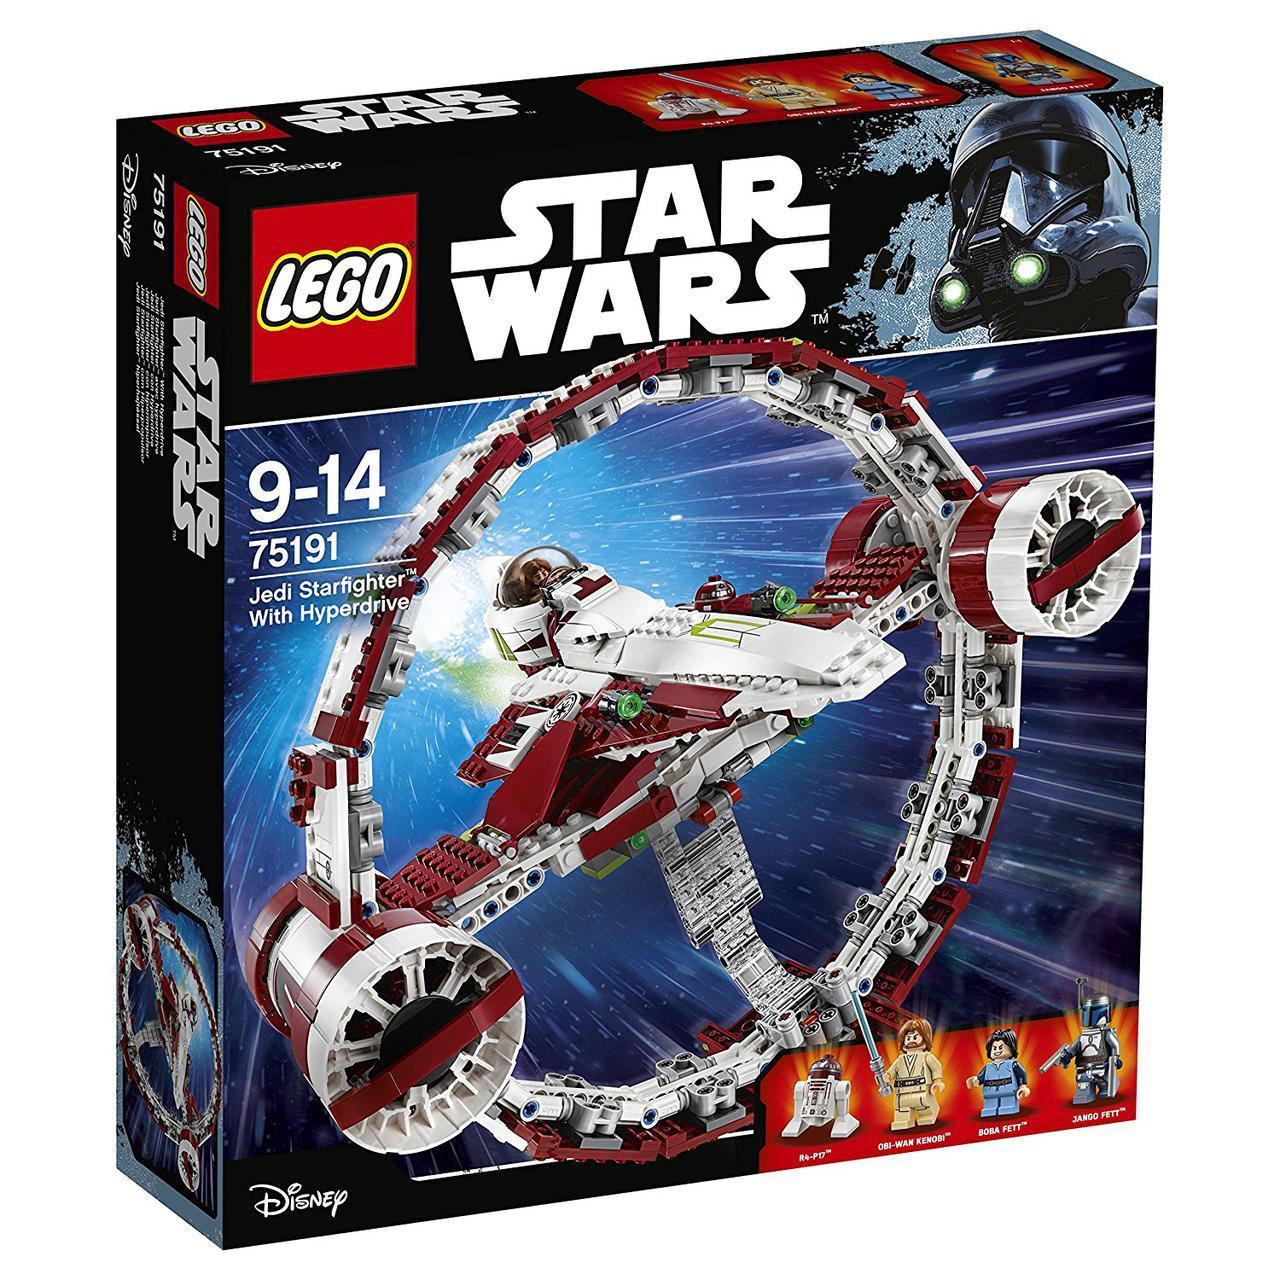 Lego Star Wars Звёздный истребитель джедаев с гипердвигателем 75191